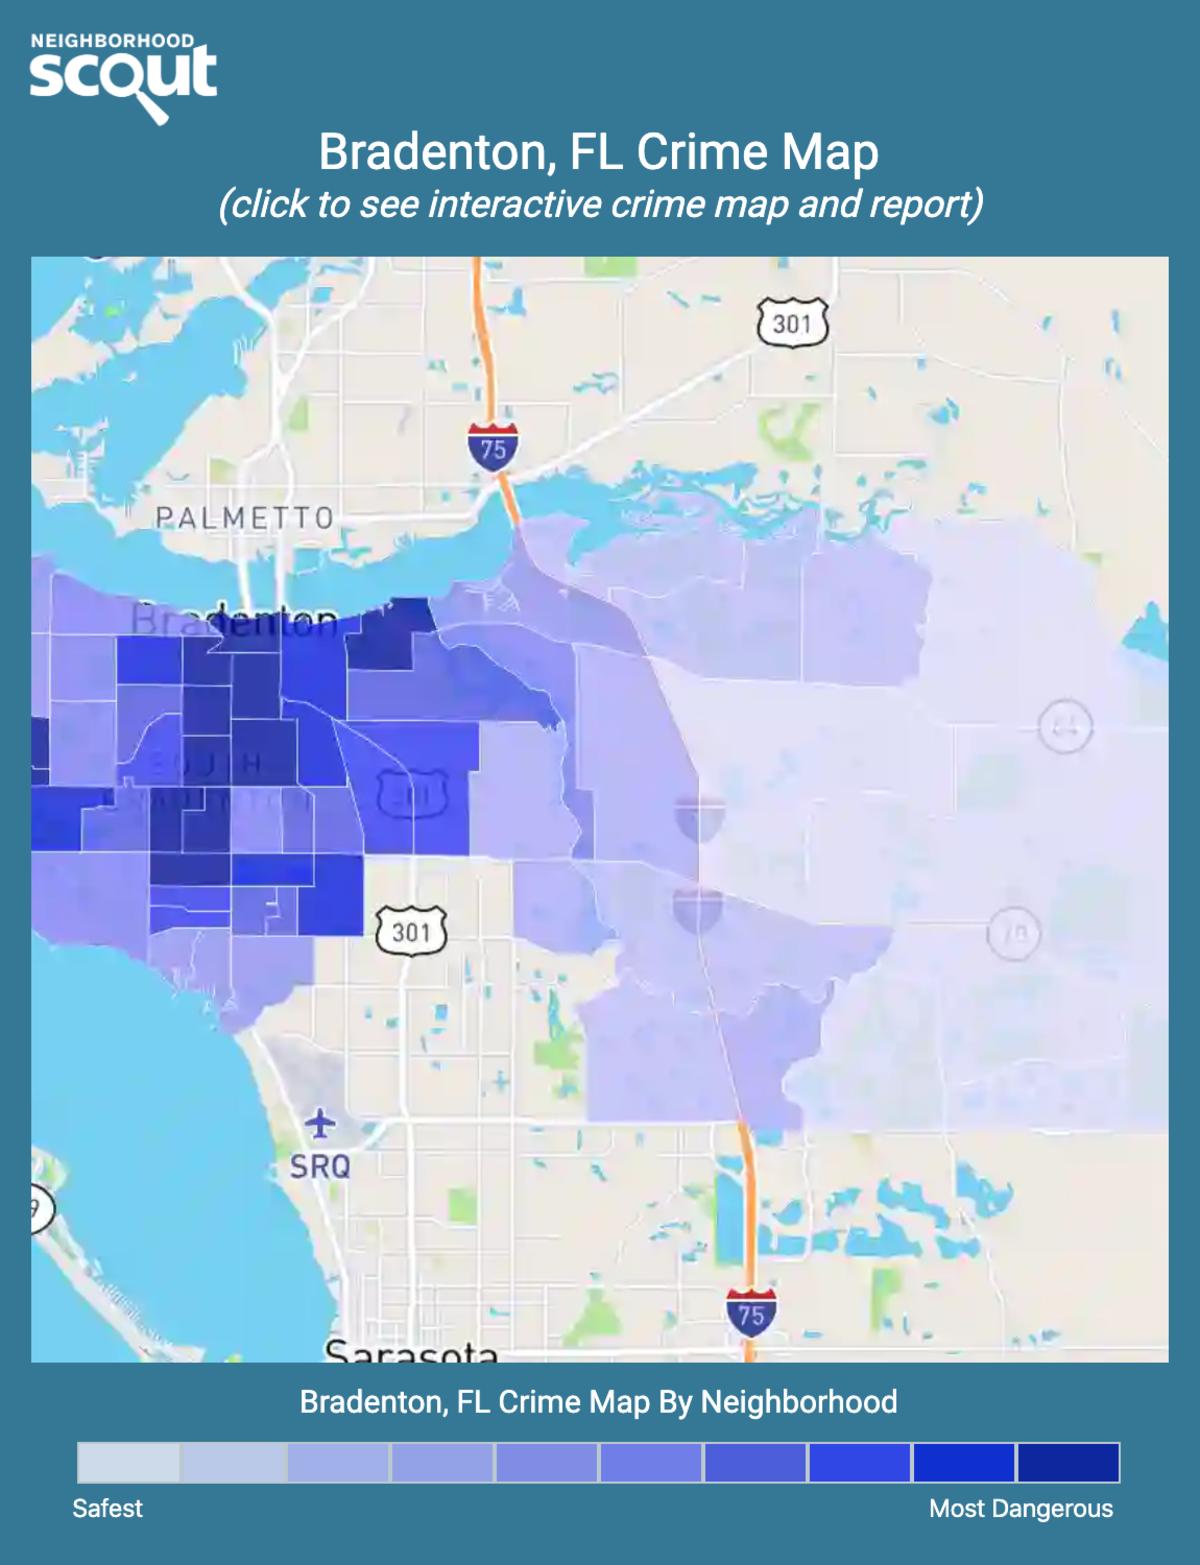 Bradenton, Florida crime map